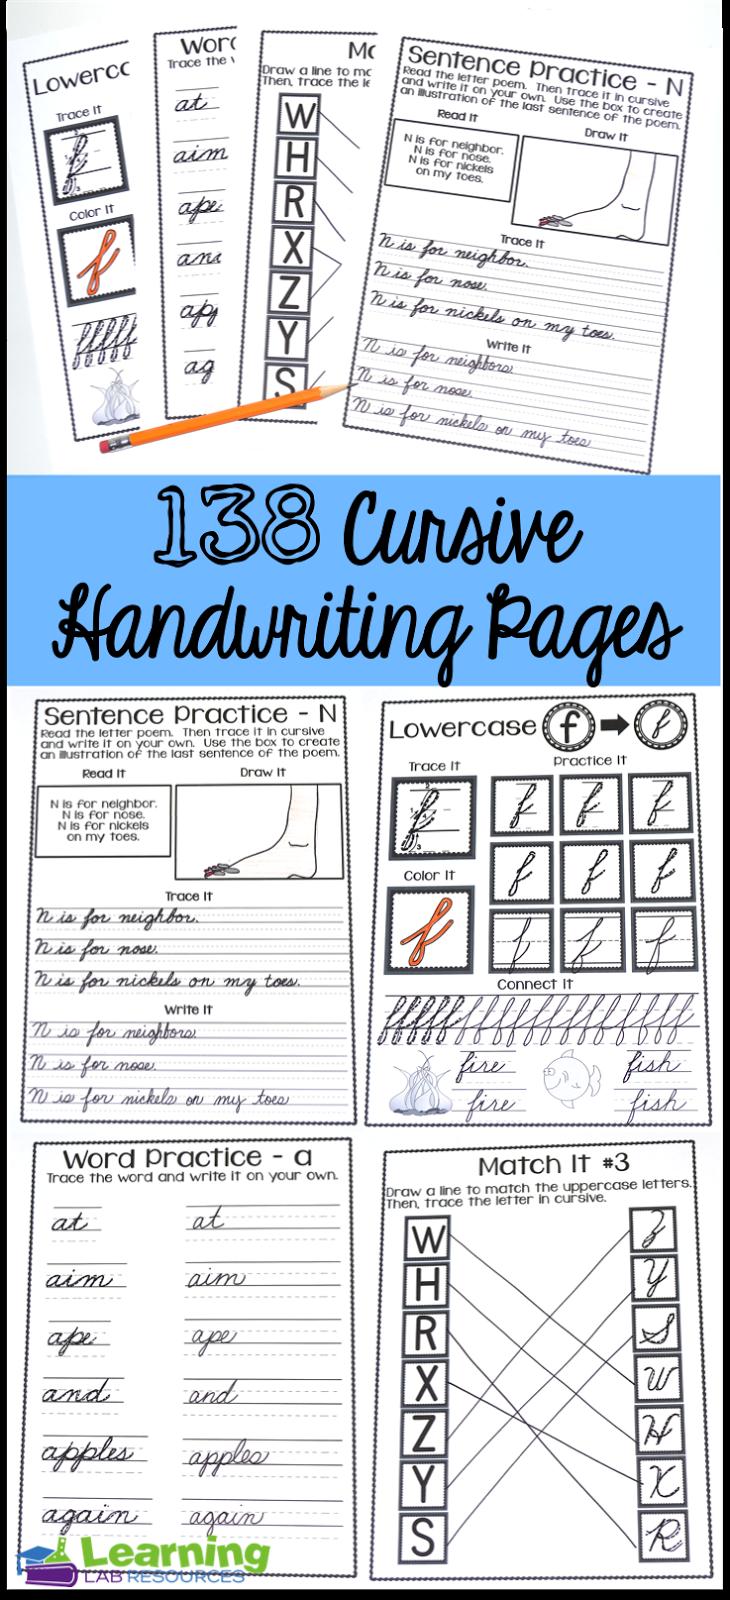 Cursive Handwriting Practice Pages | Schreibschrift und Schule